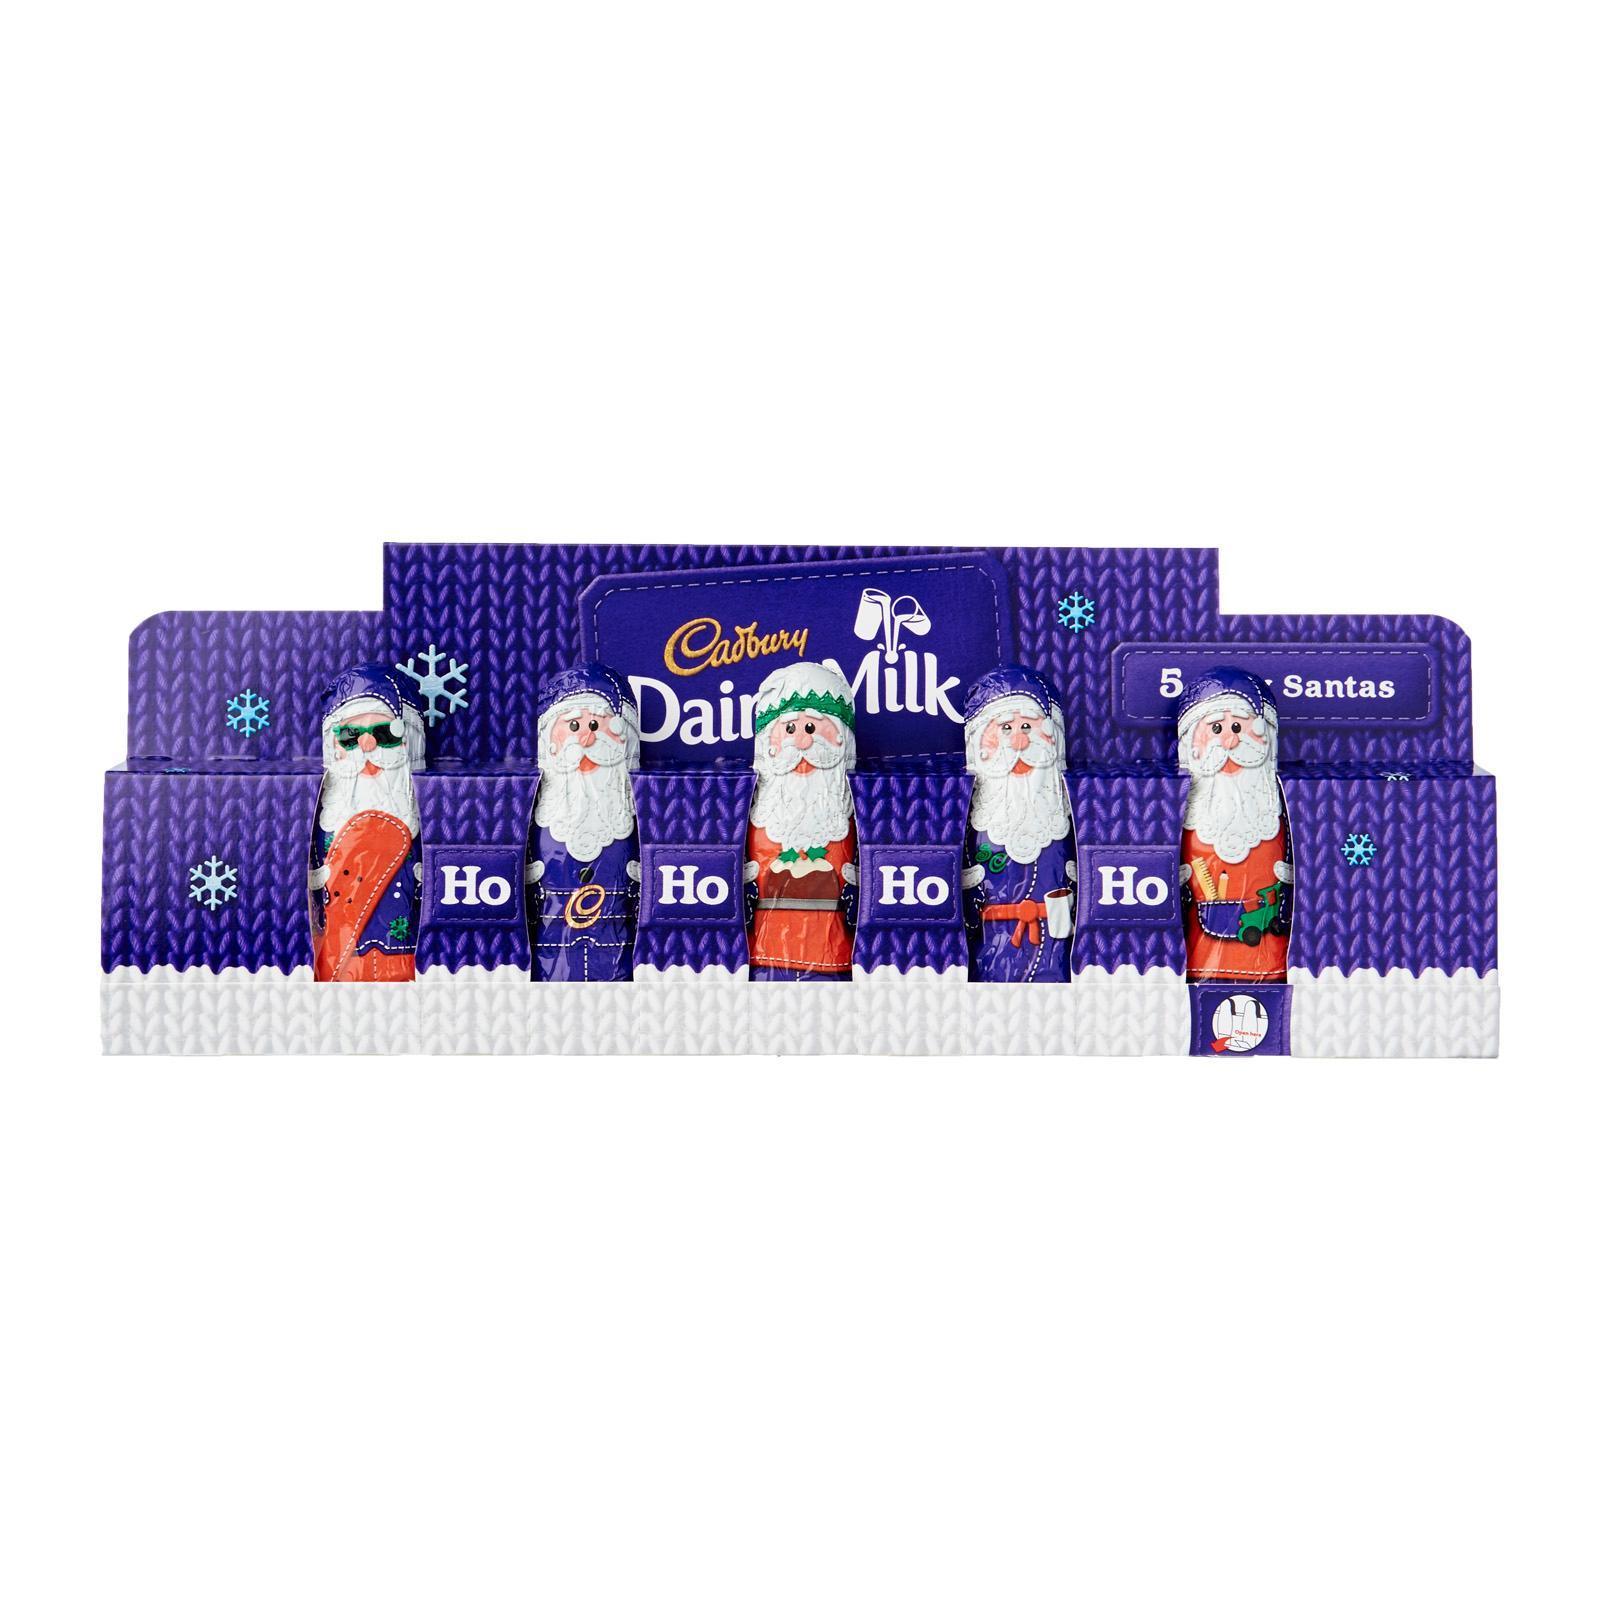 Cadbury Dairy Milk 5 Mini Chocolate Hollow Santa - Christmas Special